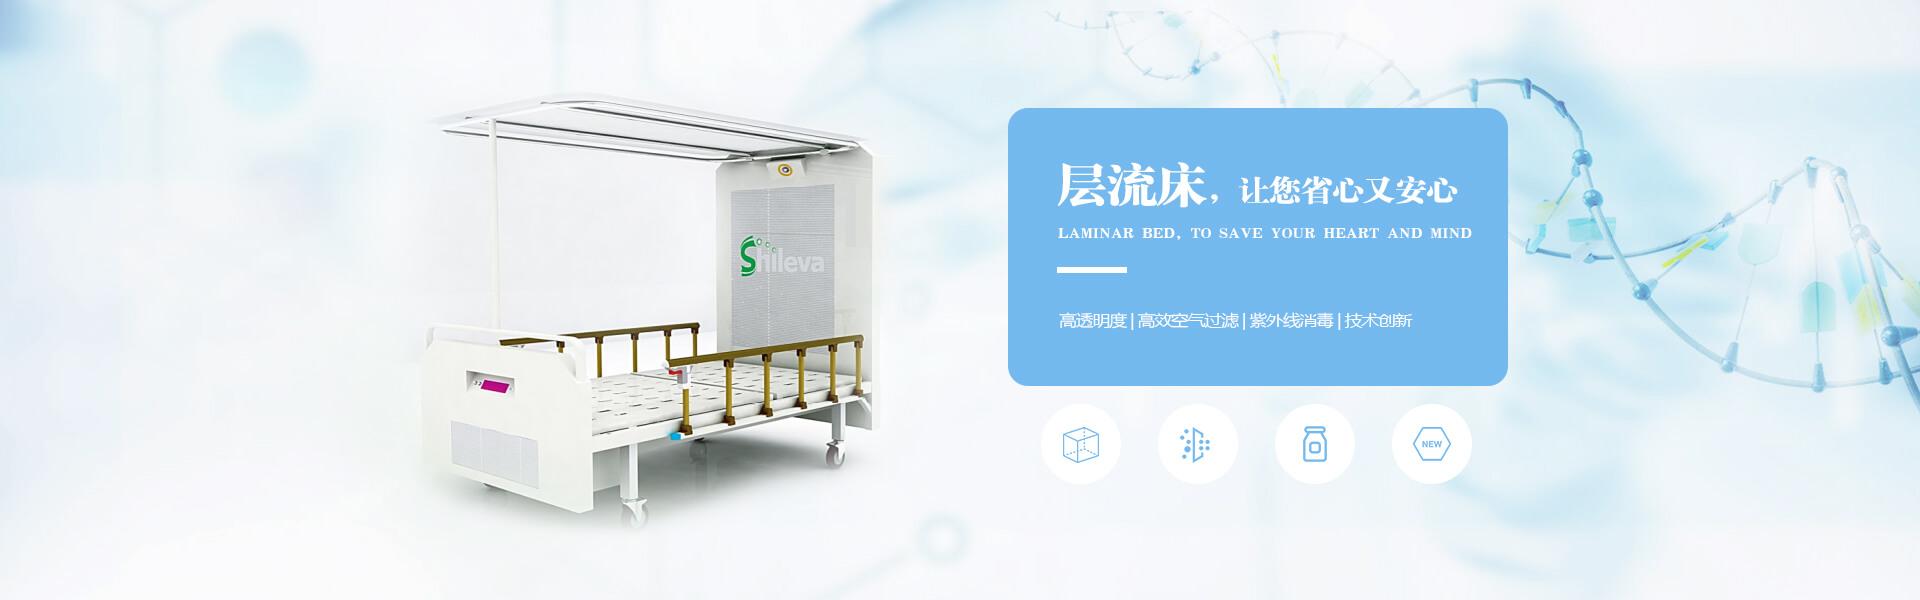 广州市曦乐欢医疗器械专业研发生产的beplay体育官网下载床,有效的降低疾病感染几率,让你省心有安心!